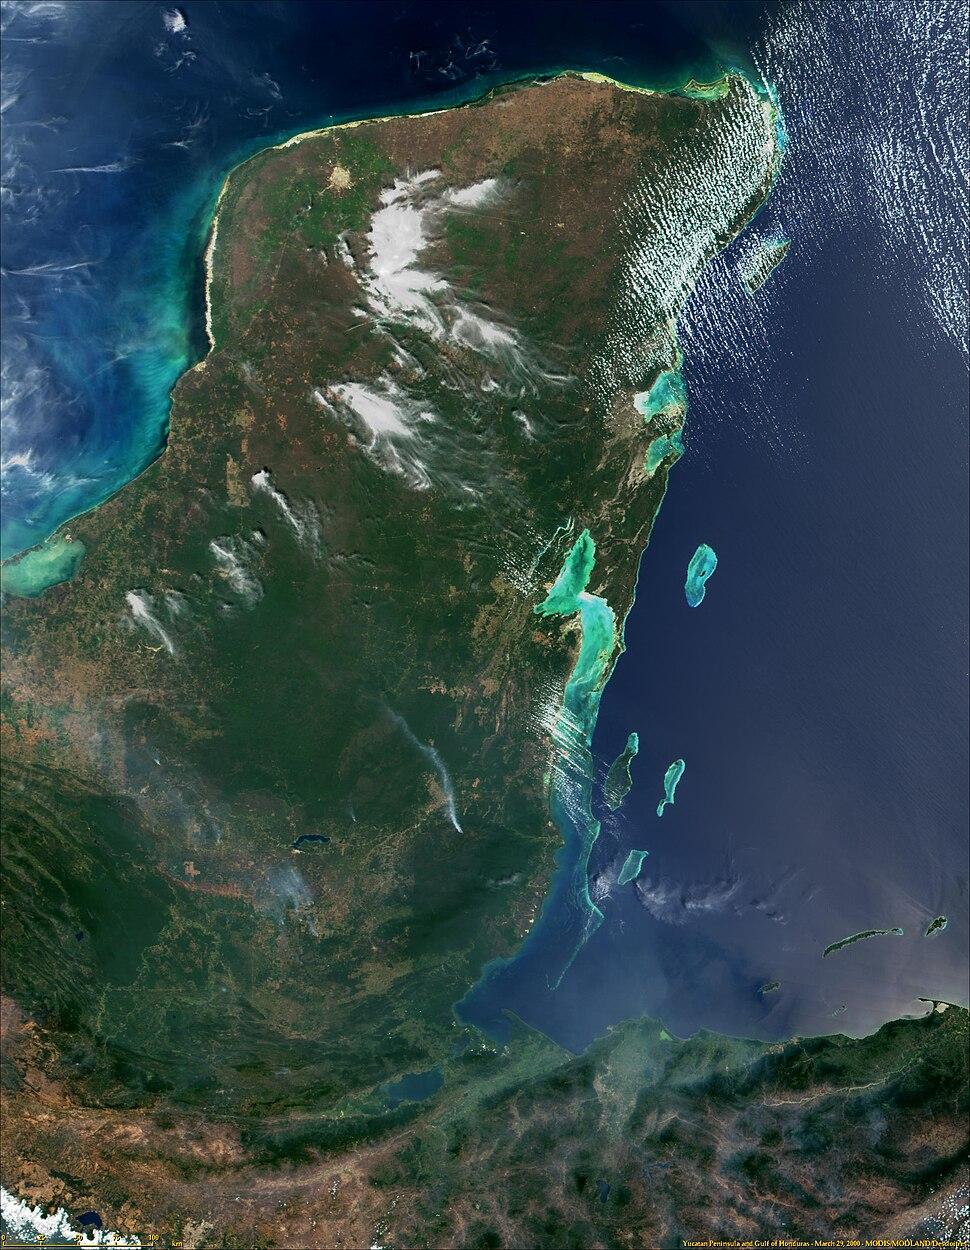 Gulf of Honduras